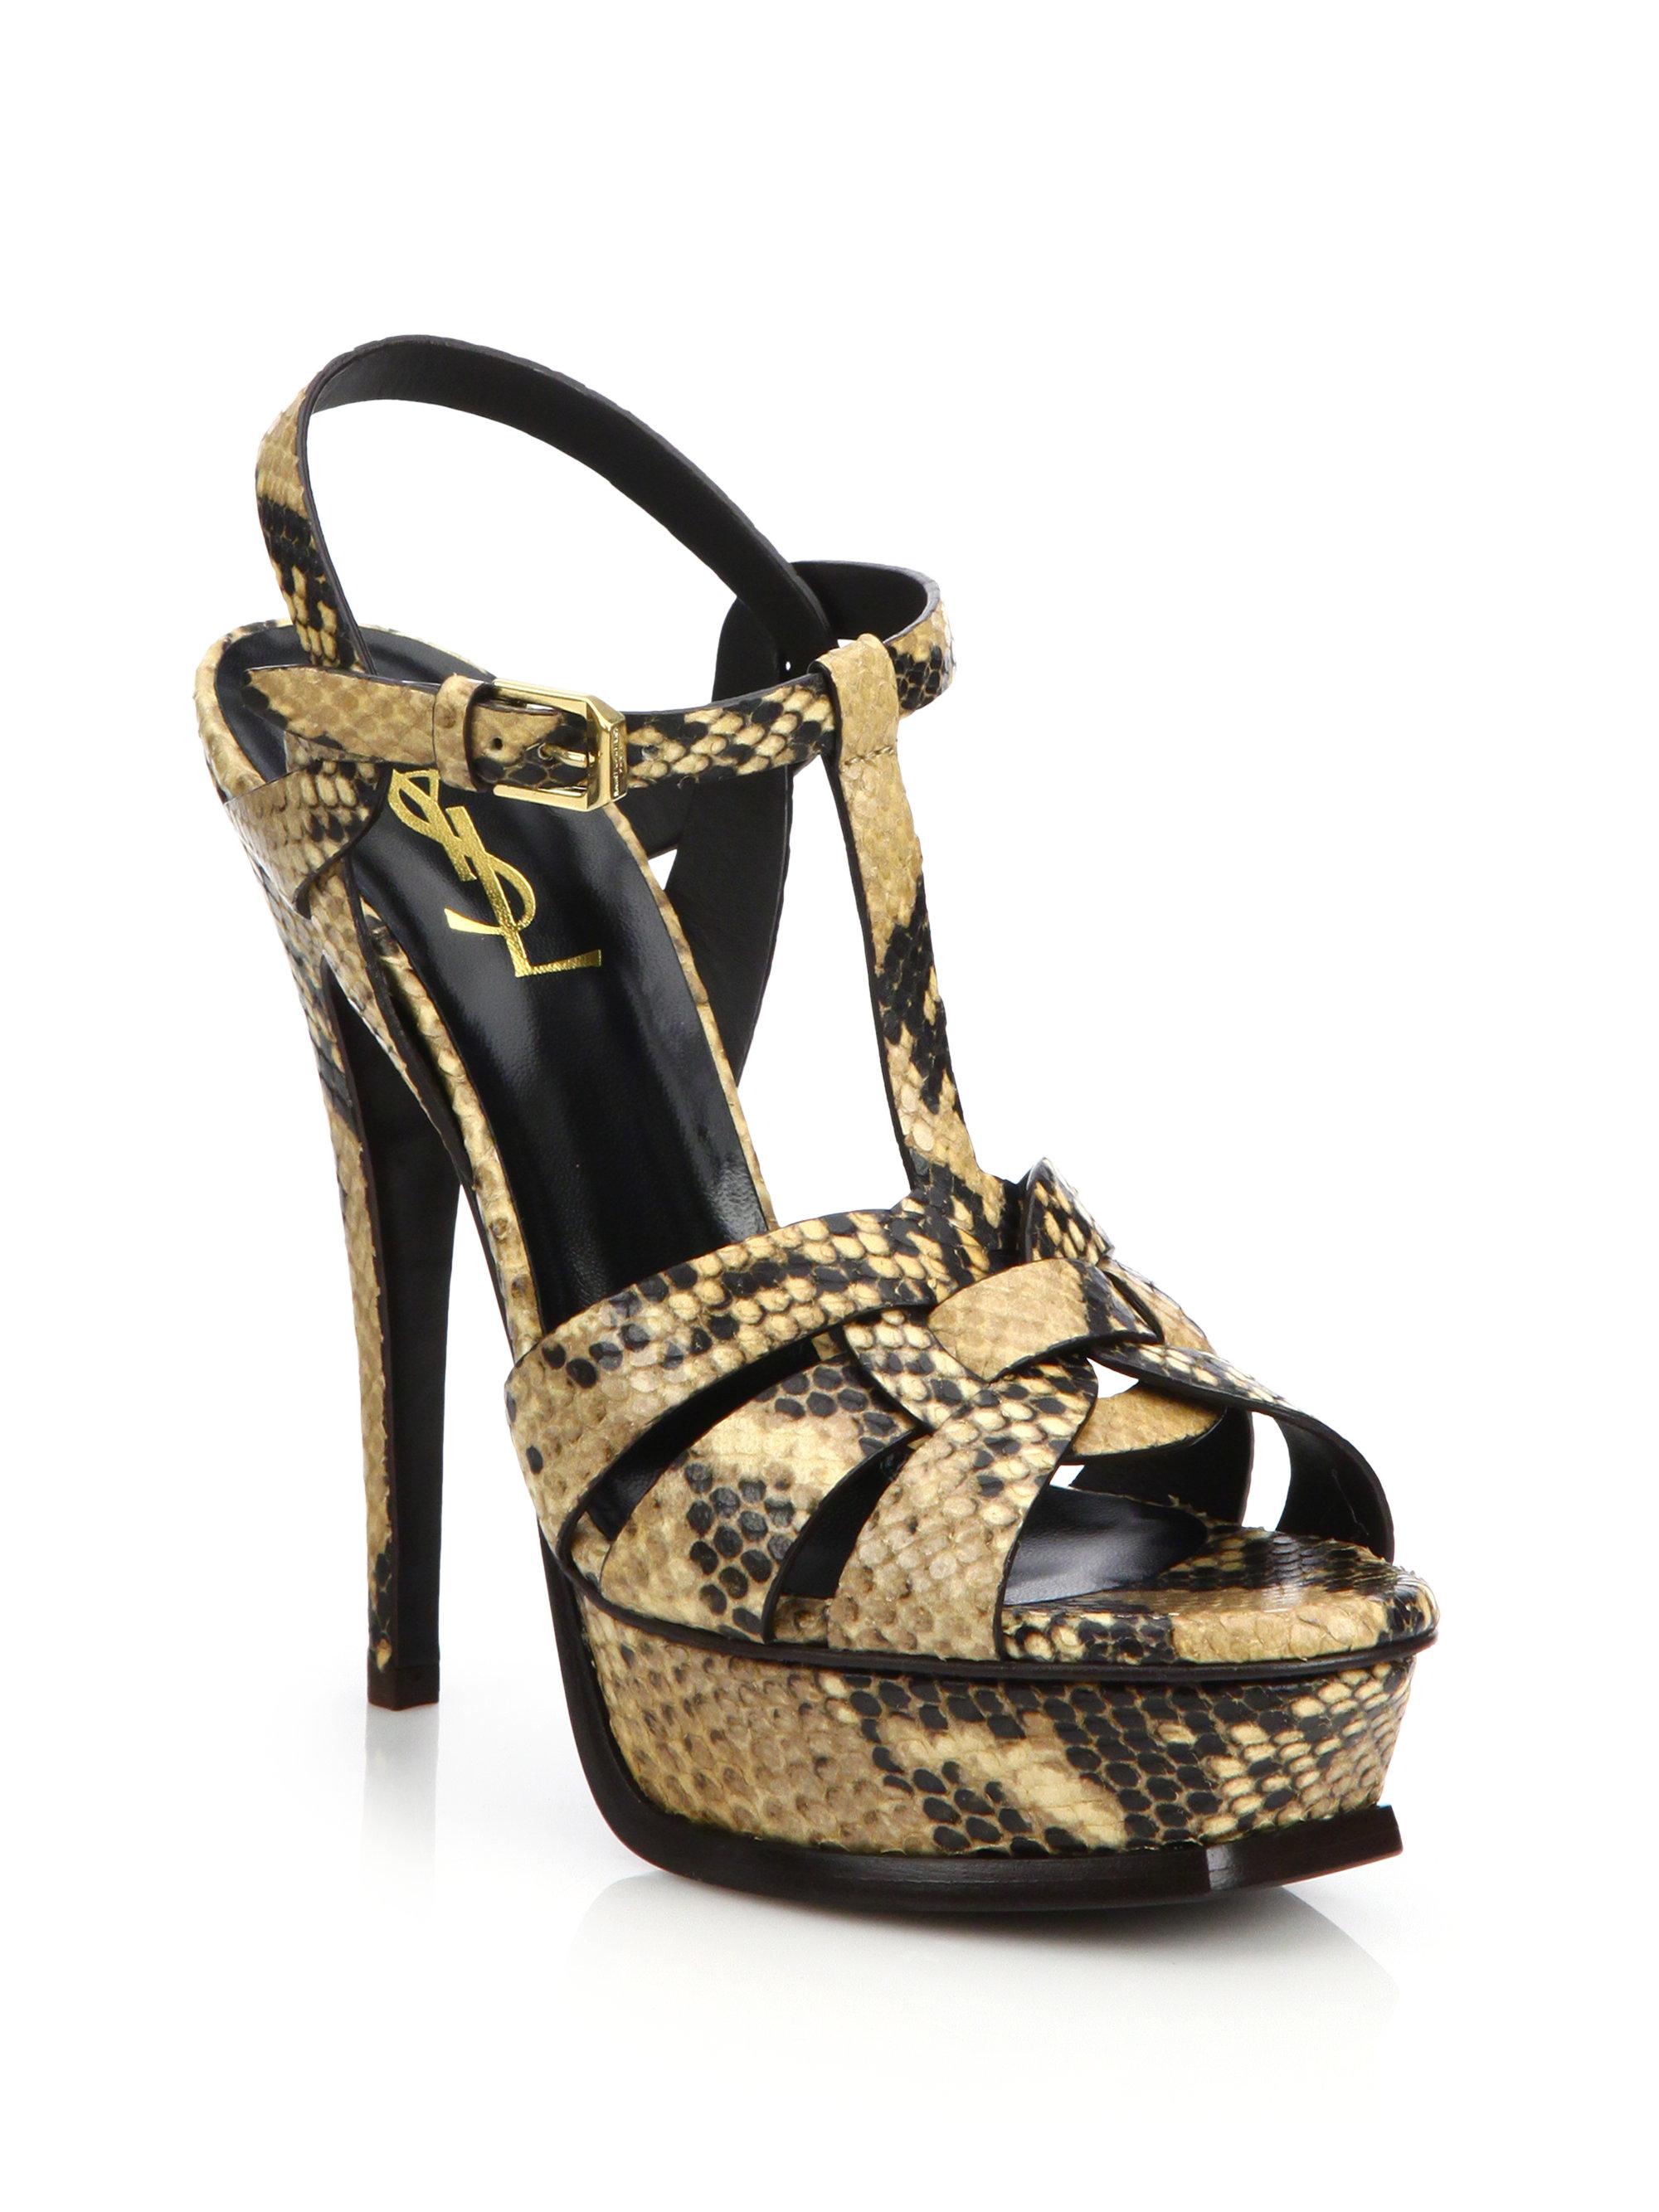 footaction online Yves Saint Laurent Tribute Snakeskin Sandals sale top quality clearance outlet discounts discount amazon unUzPn